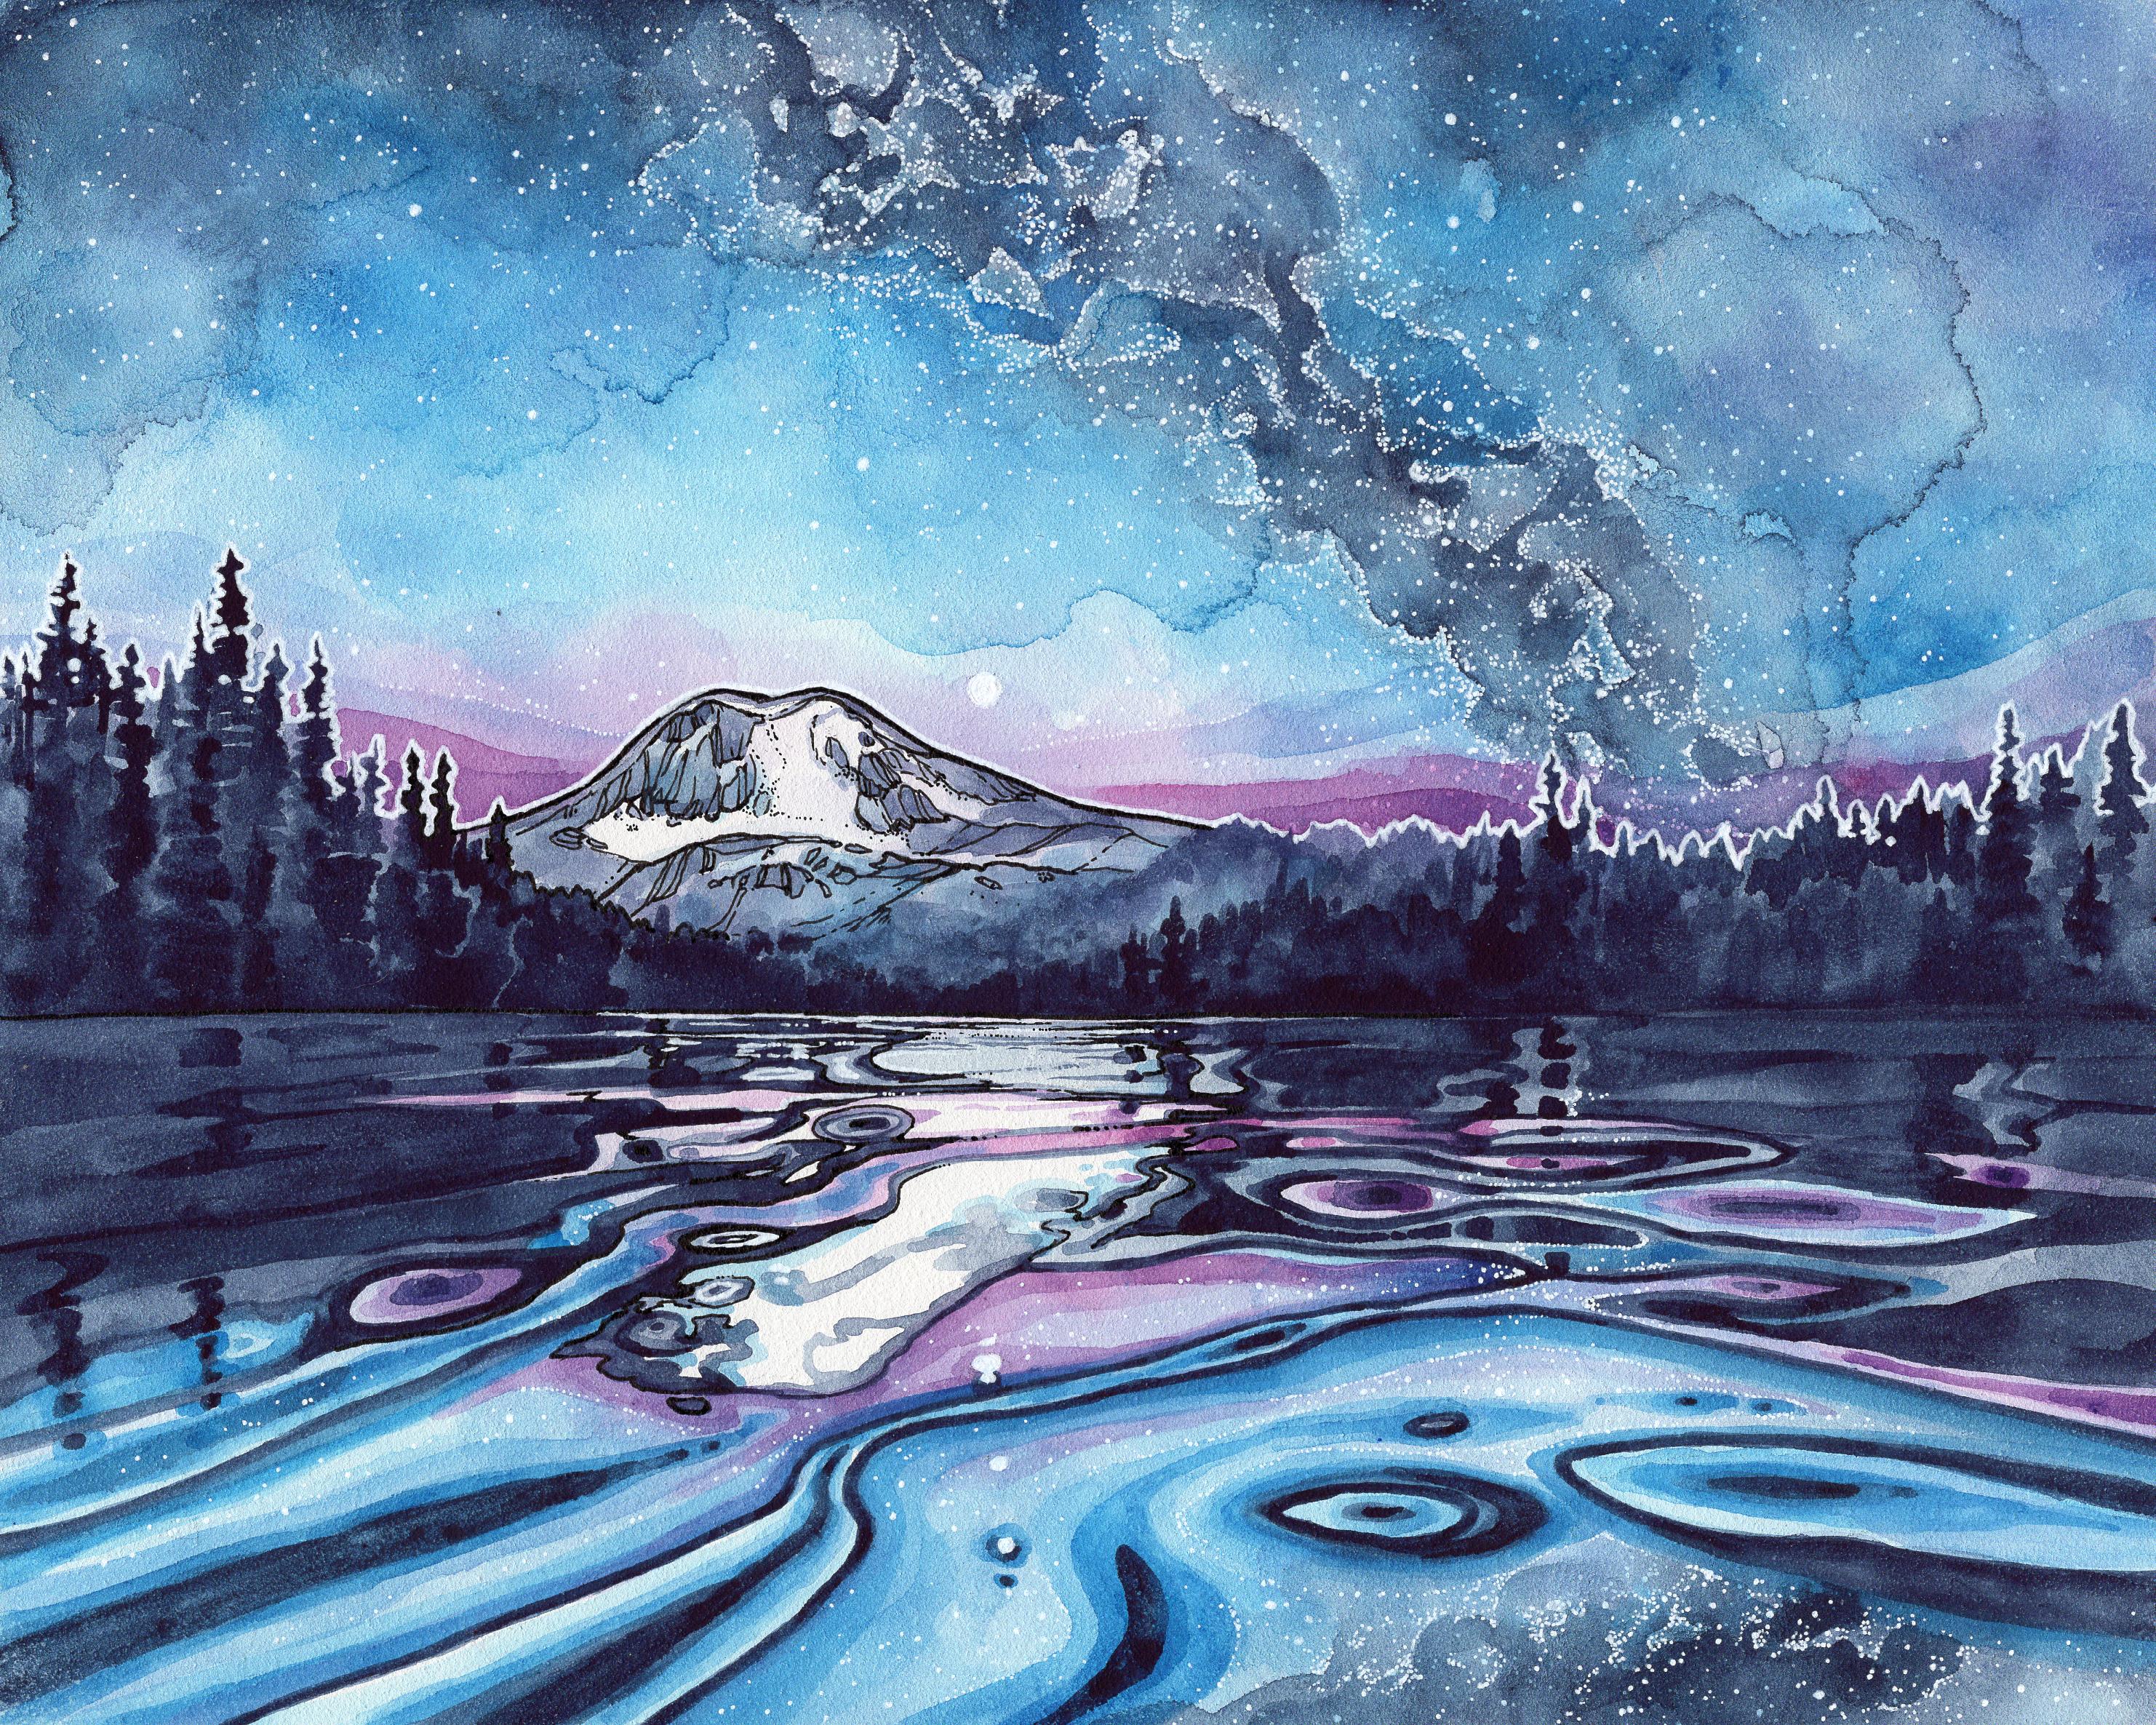 Takhlakh Lake by Christina McKeown